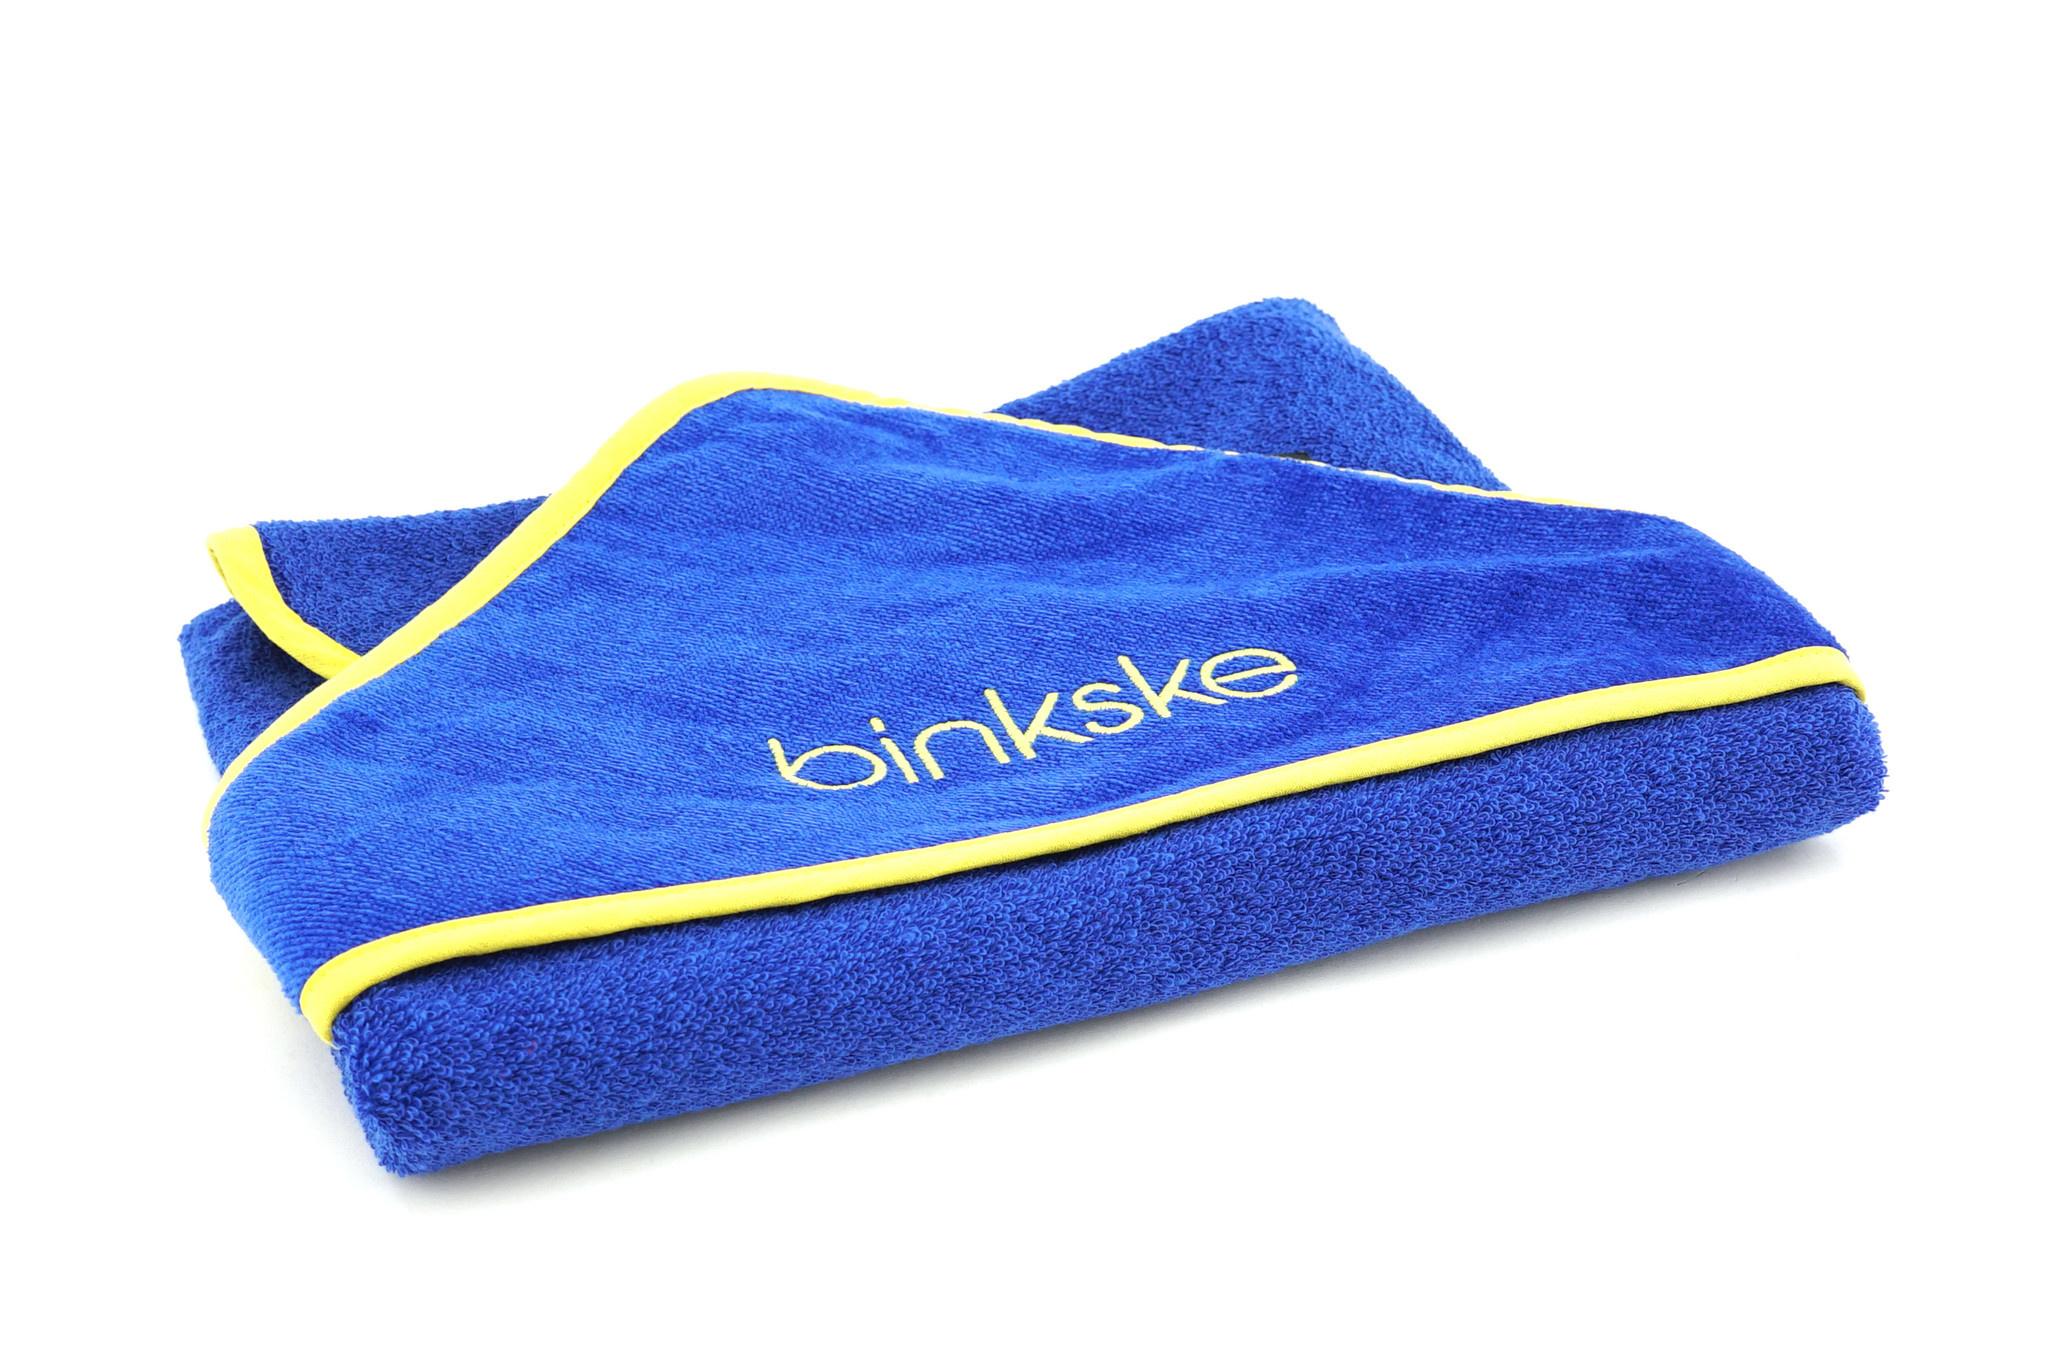 Topfanz Baby hooded towel binkske STVV